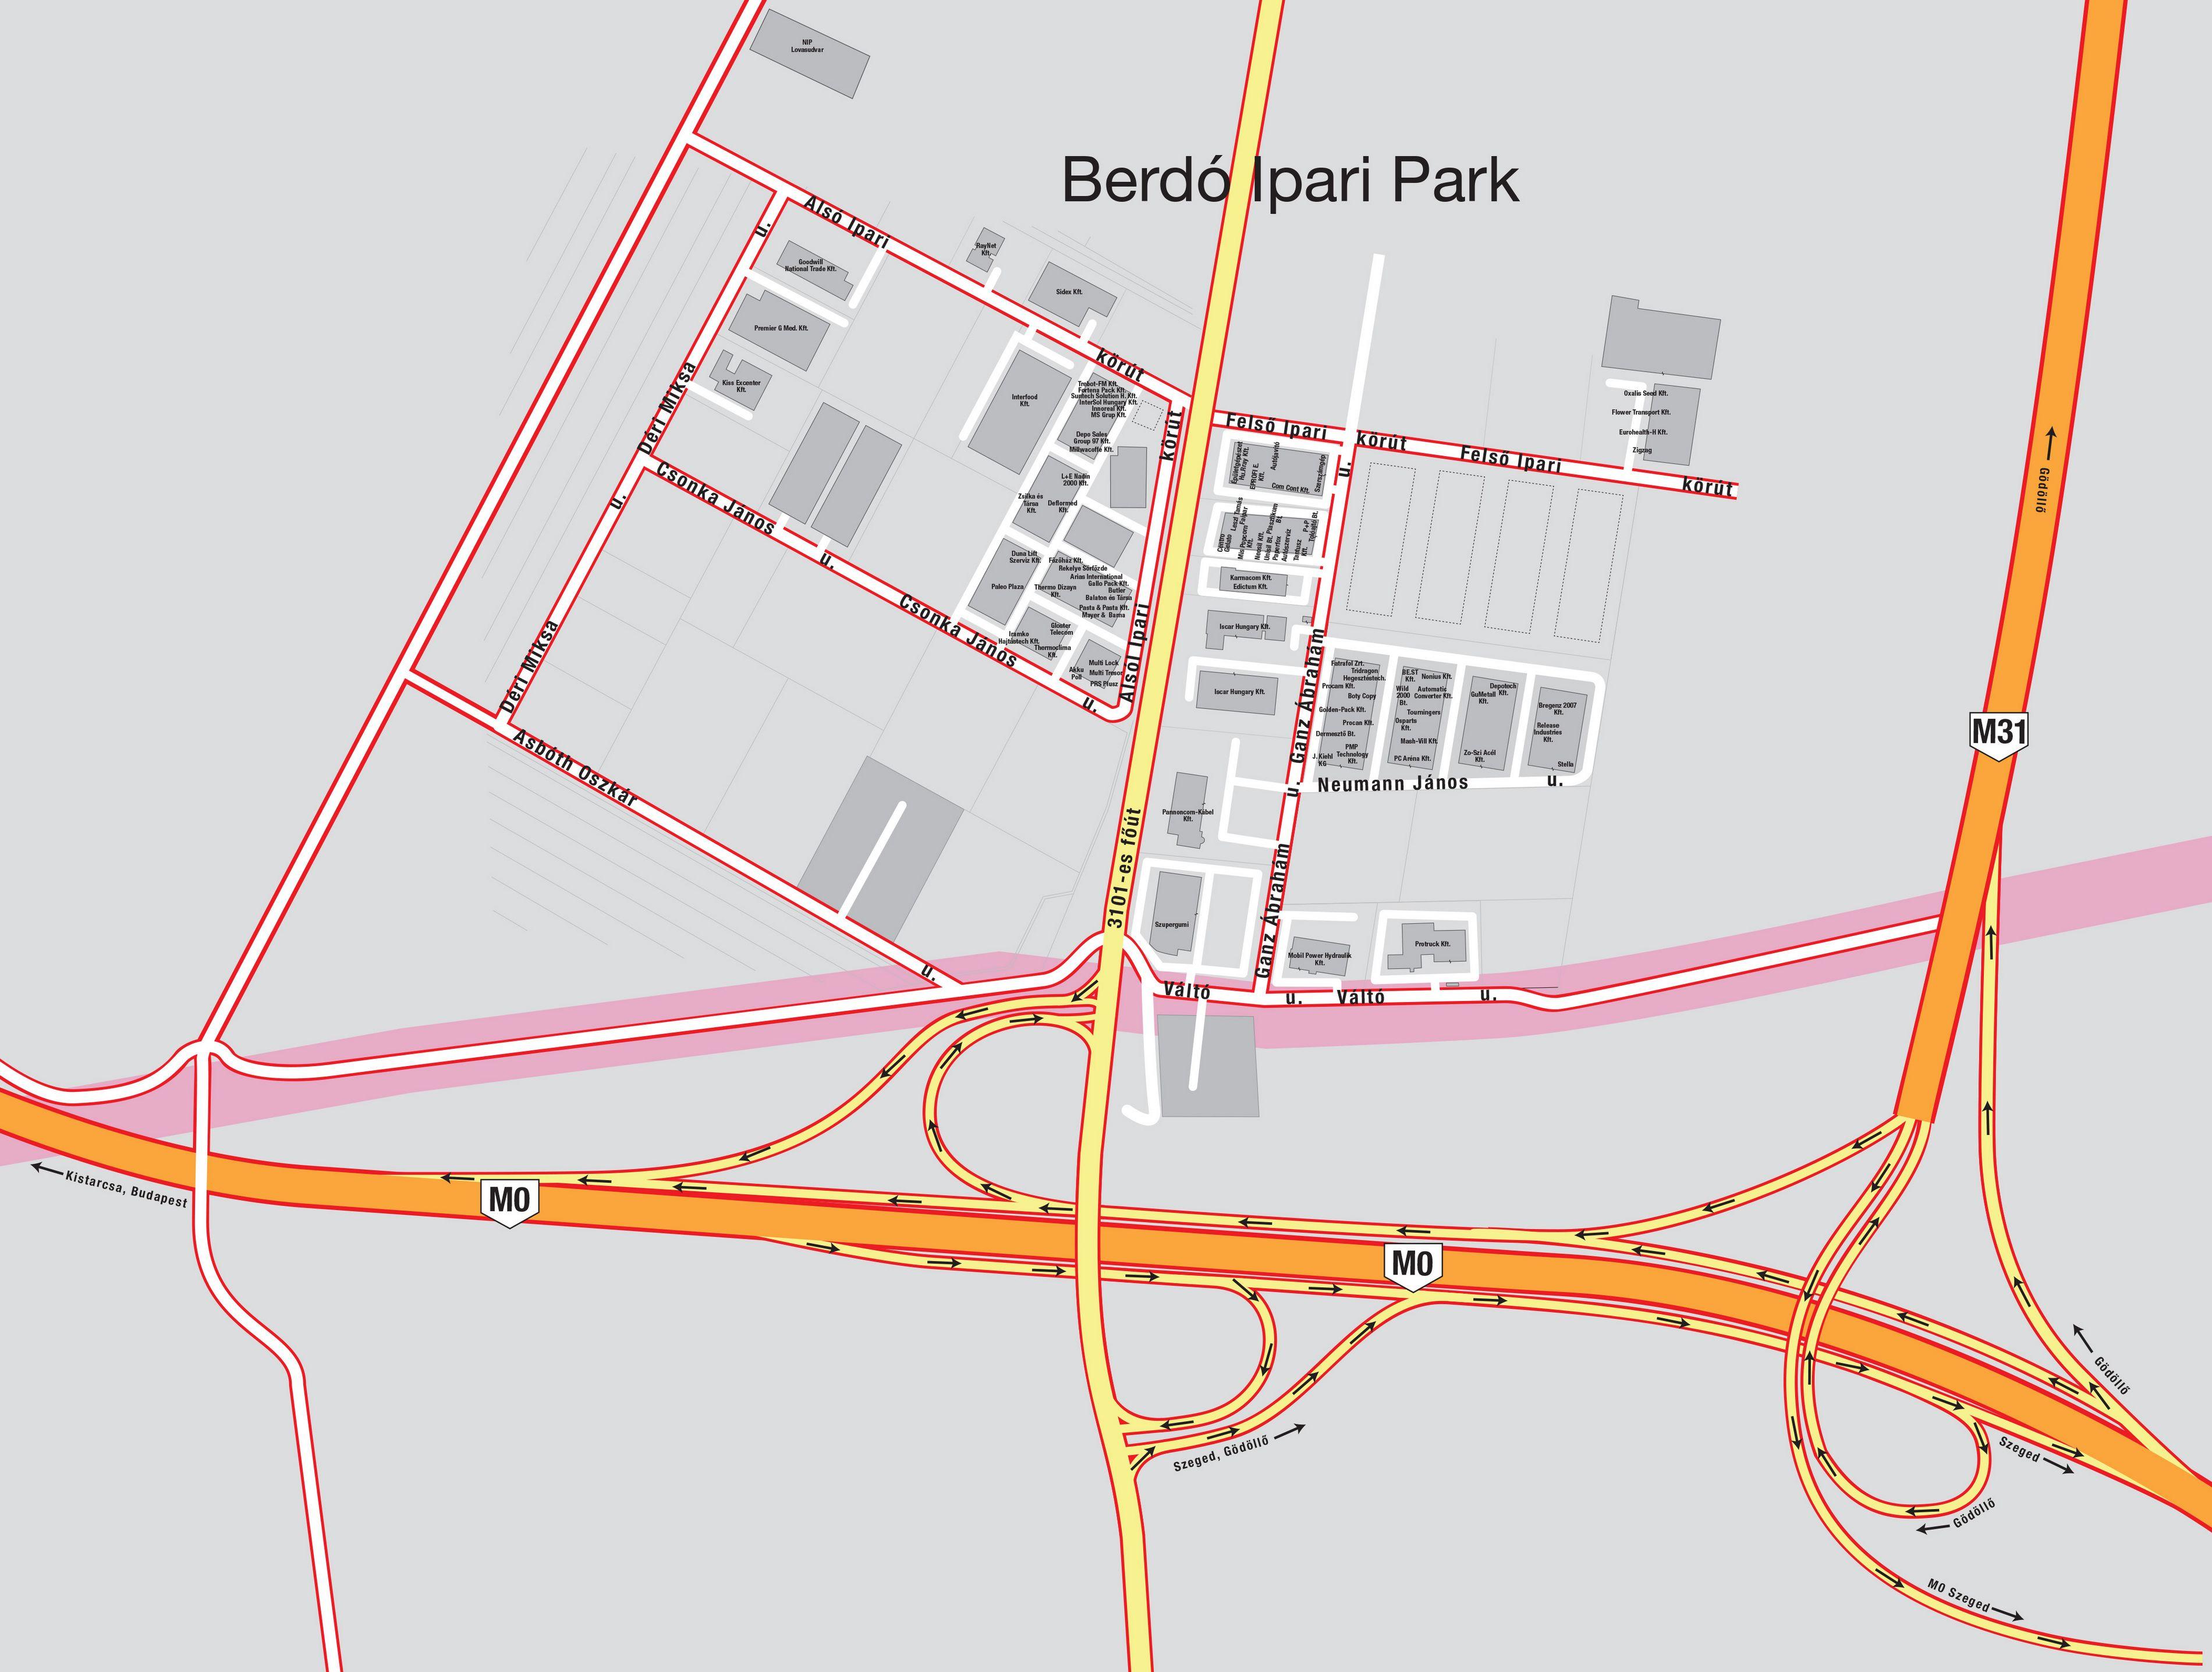 nagytarcsa térkép Nagytarcsa község hivatalos oldala: Ipari park térképek nagytarcsa térkép